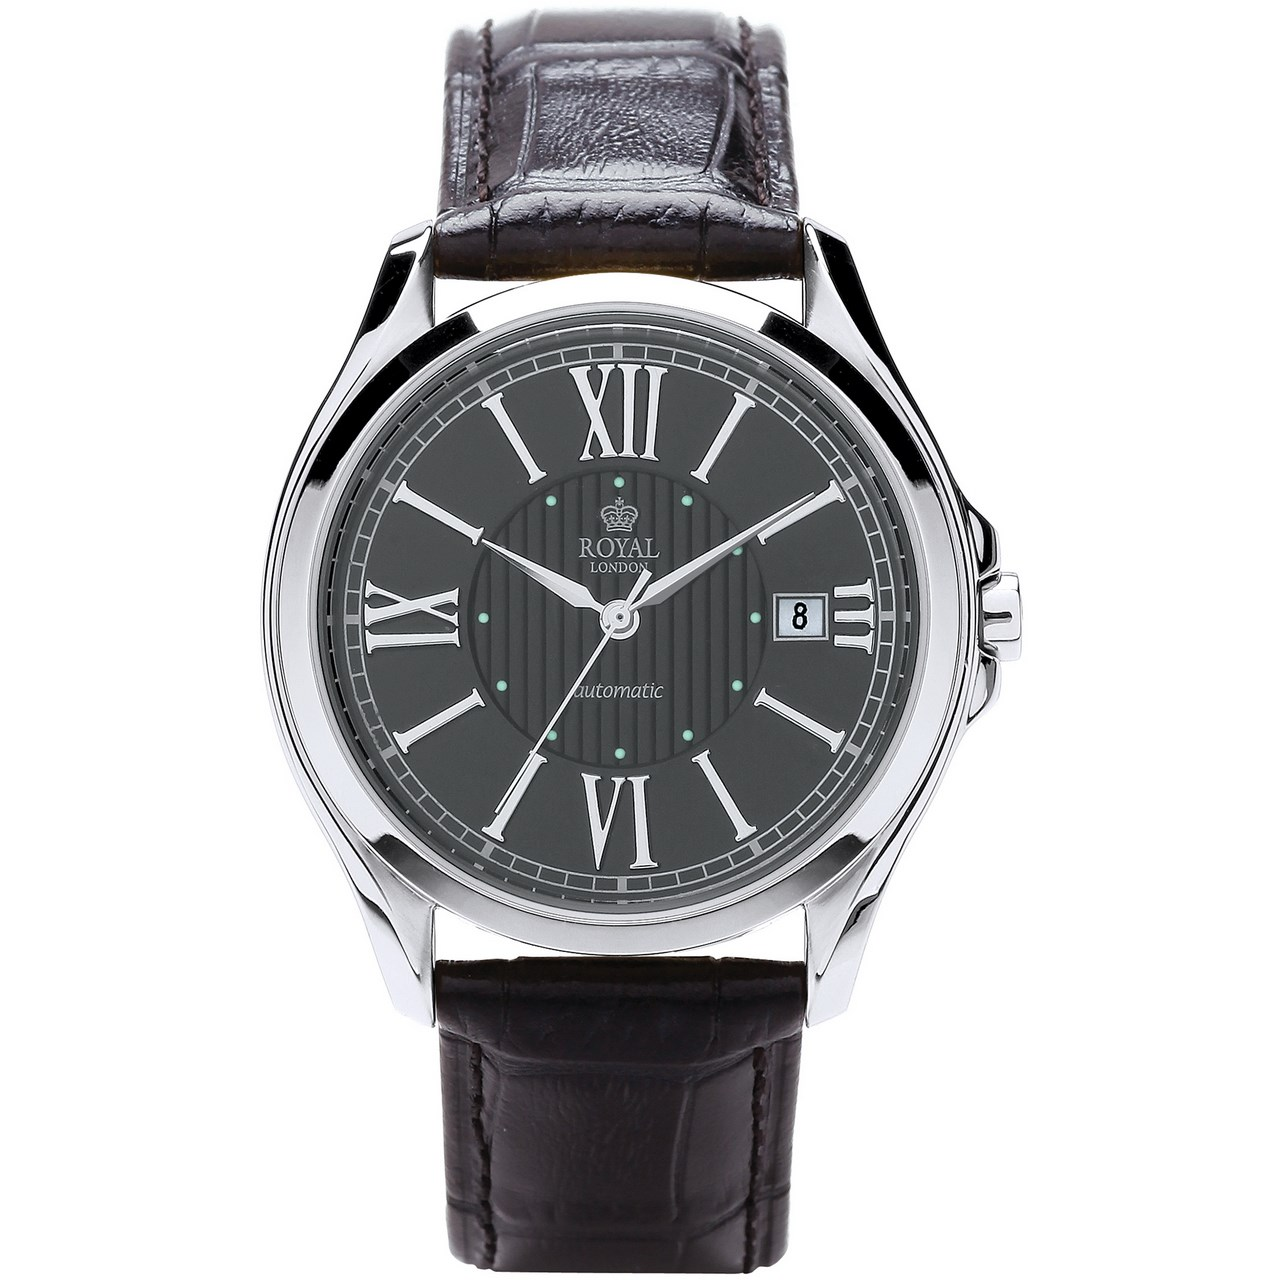 ساعت مچی عقربه ای مردانه رویال لندن مدل RL-41152-02 34